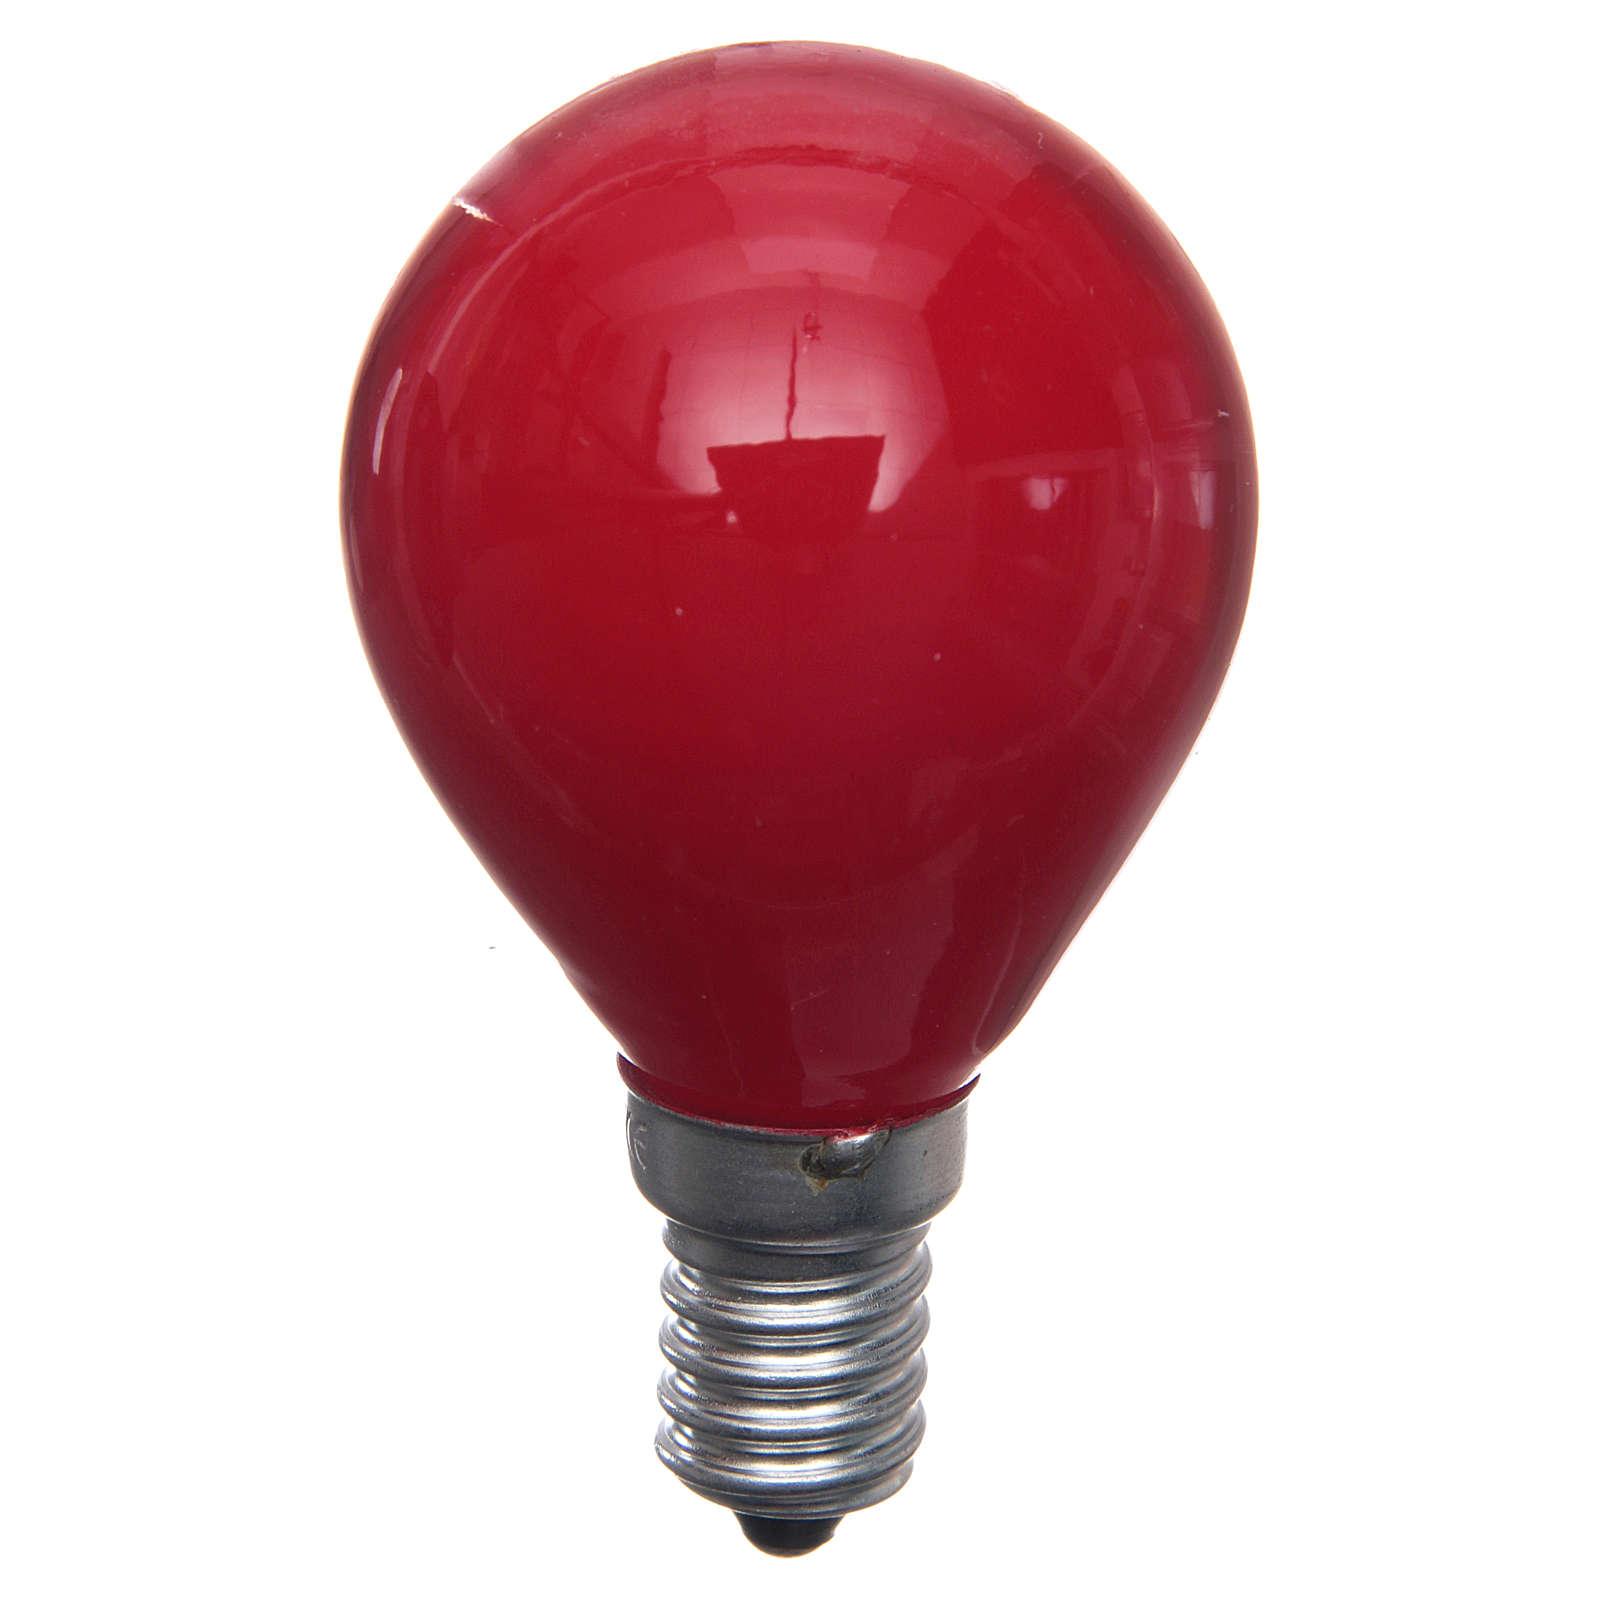 Ampoule 25W E14 rouge illumination de crèche noel 4